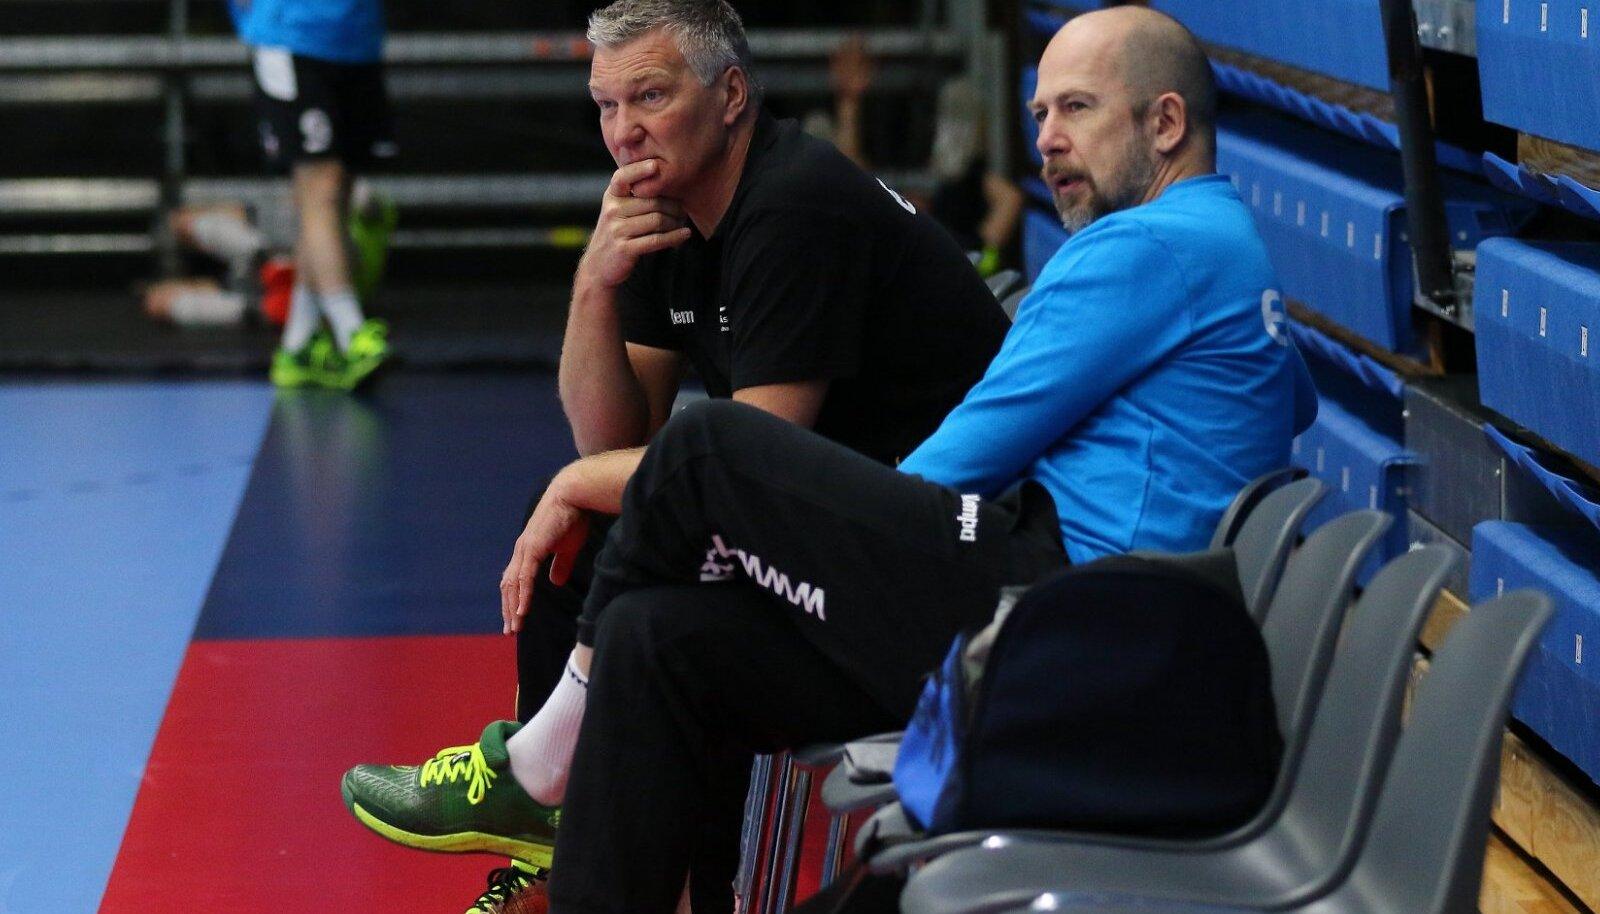 Eesti rahvusmeeskonna treenerid Thomas Sivertsson ja Janne Ekman pikendasid Austria-mängu eel lepingut.